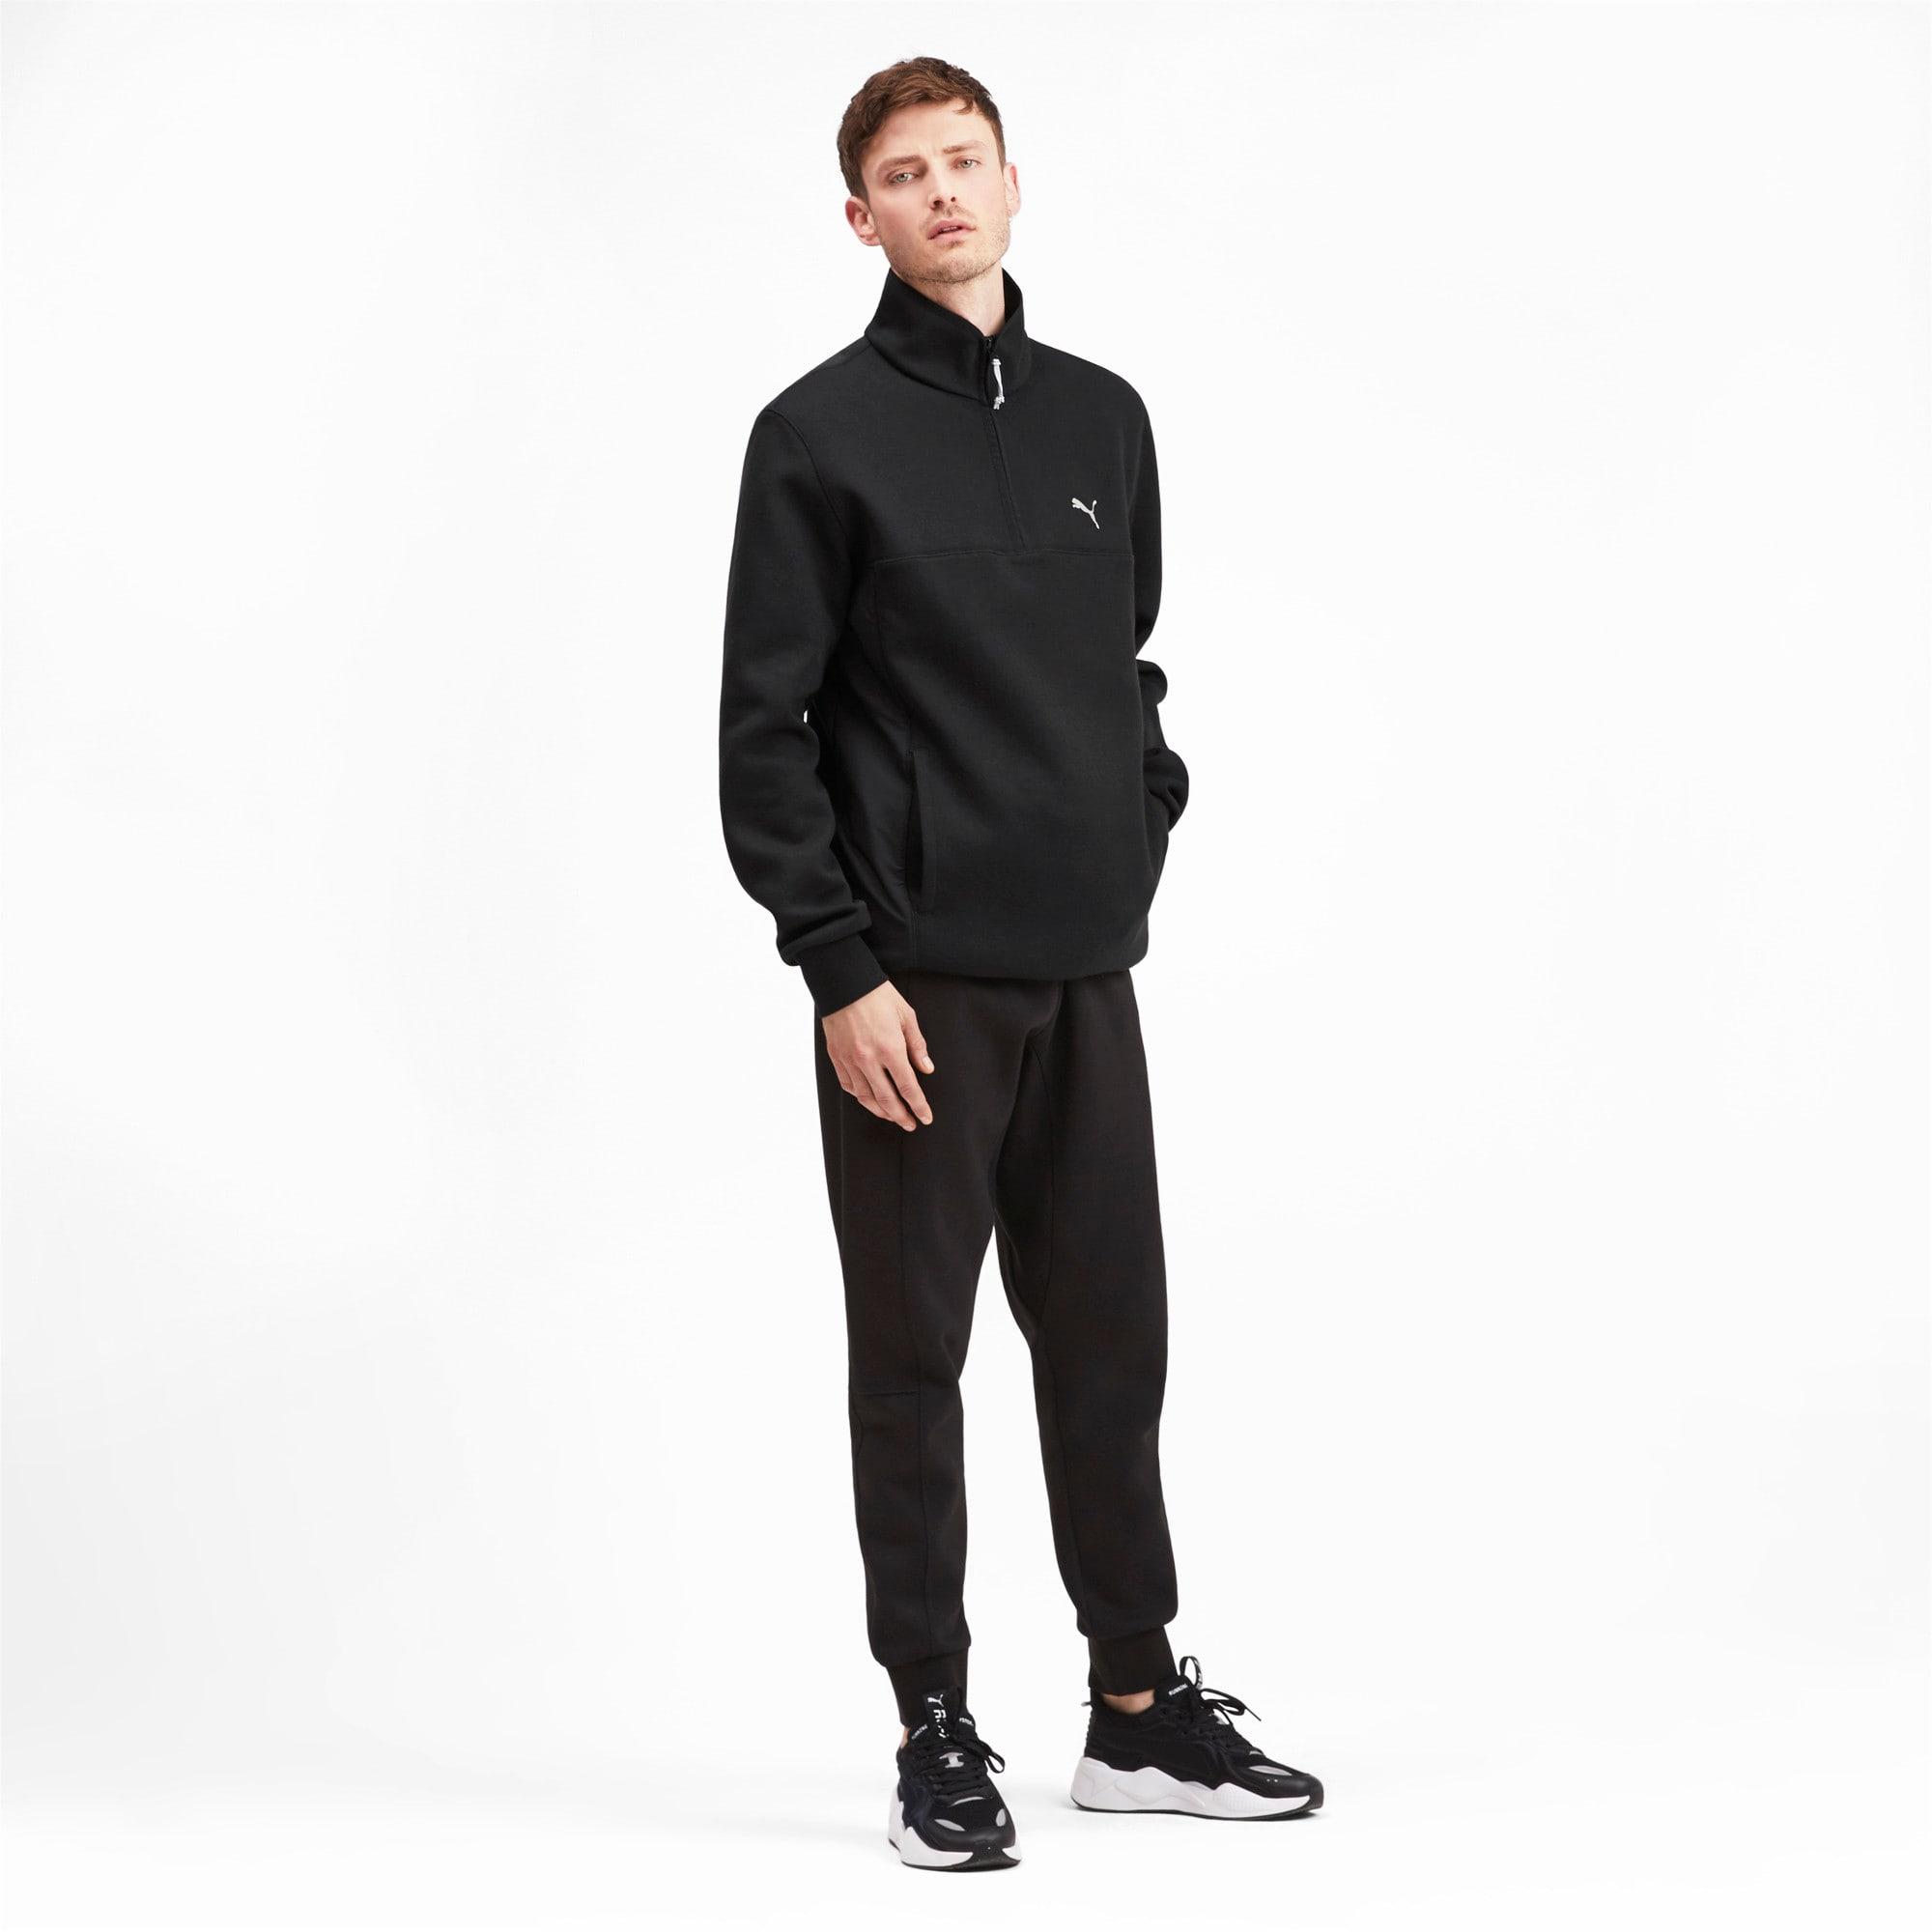 Puma Epoch Hybrid Savannah Half Zip Men's Pullover at £70